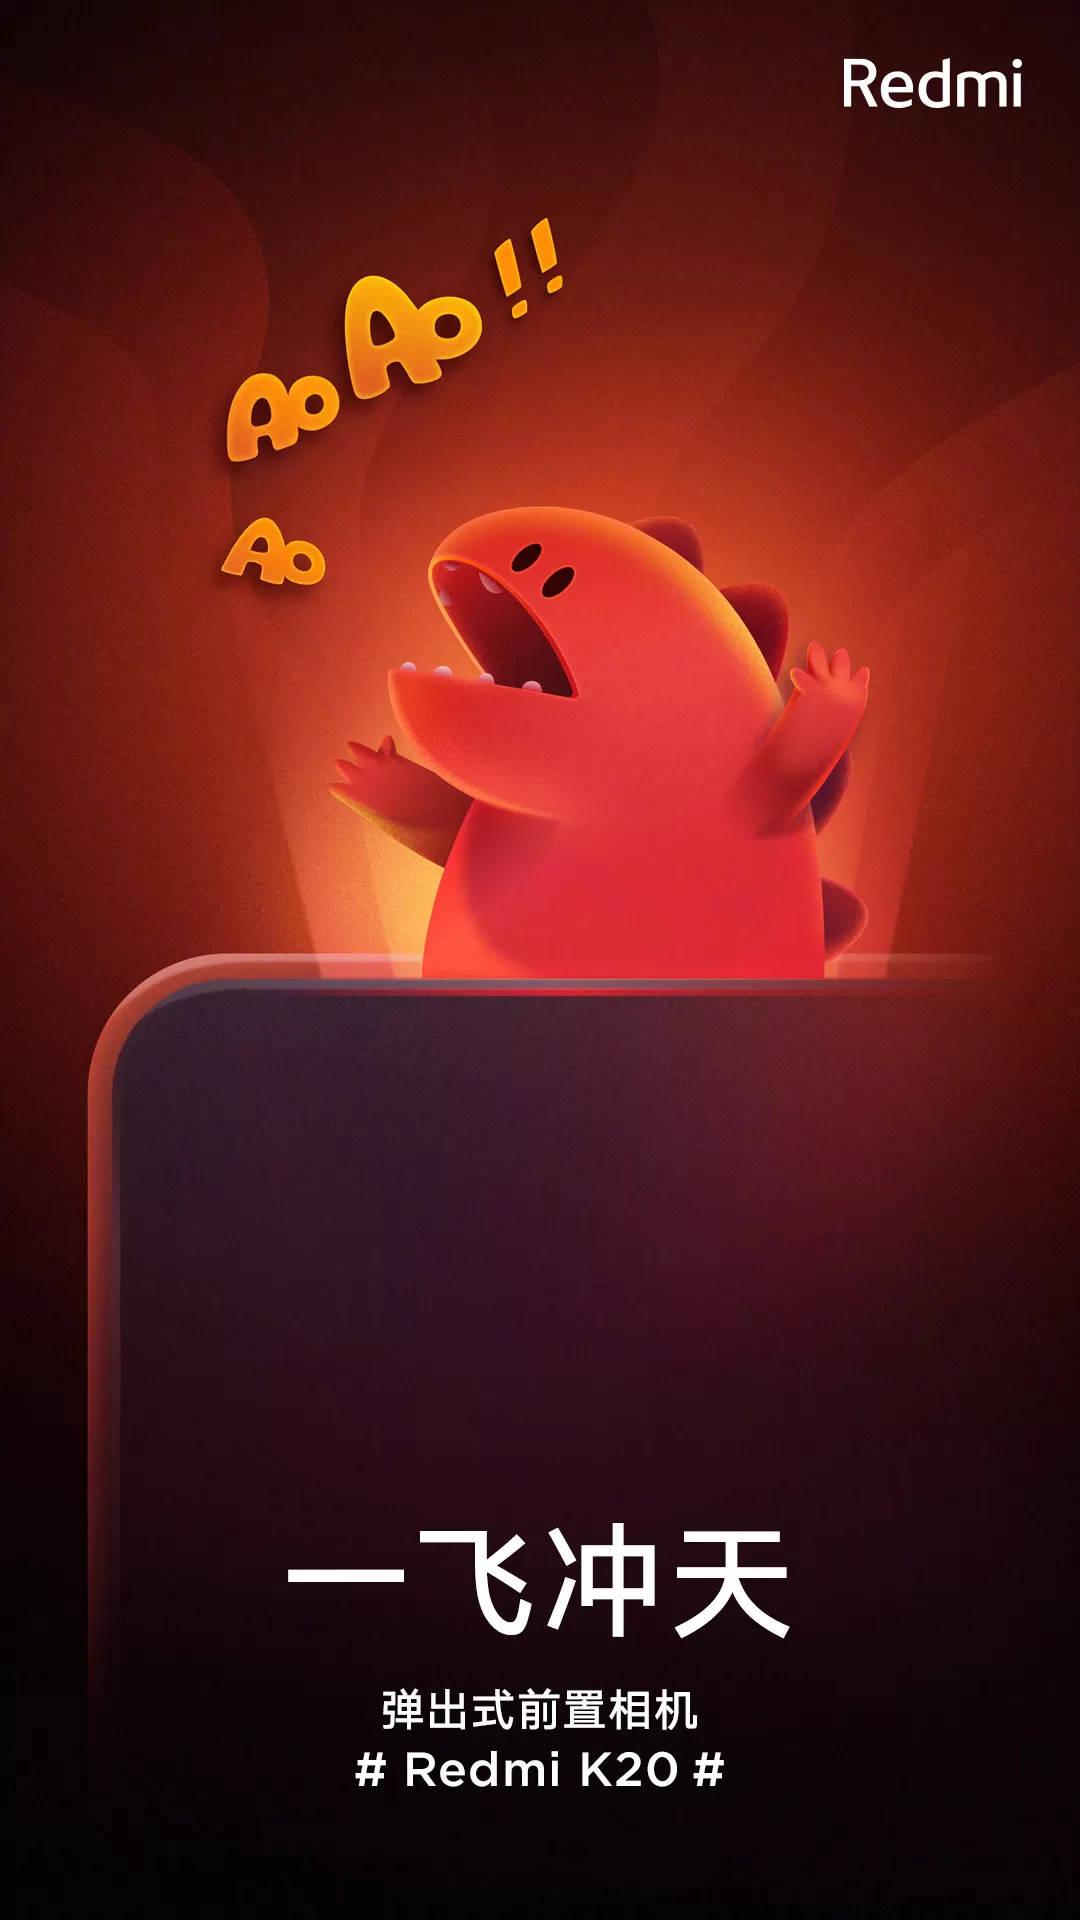 flagowiec Redmi K20 Pro Xiaomi cena kiedy premiera teaser plotki przecieki specyfikacja techniczna